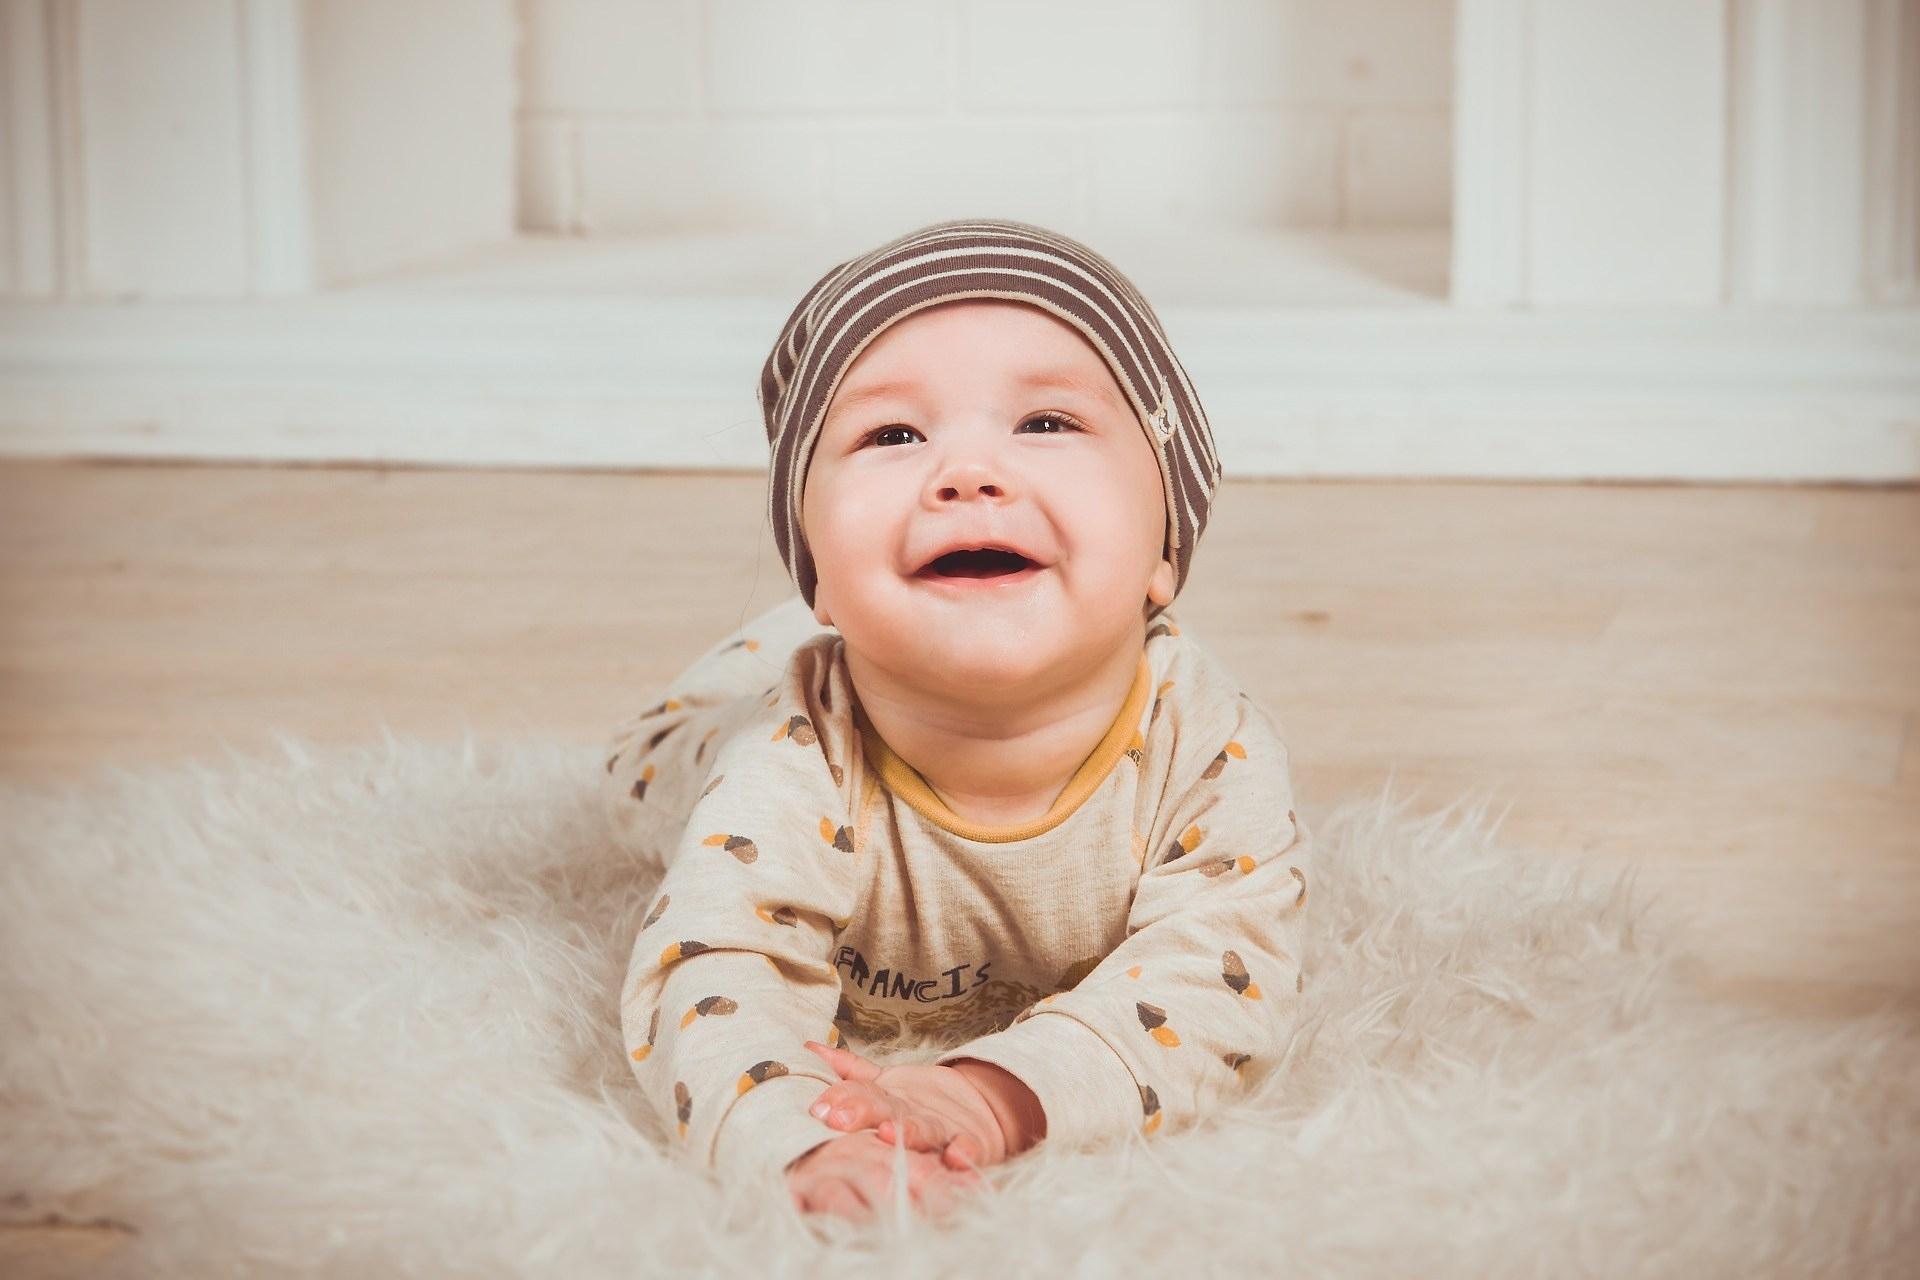 hogyan lehet megszabadulni a baba fejhallgatójától Ayurvédikus méregtelenítés